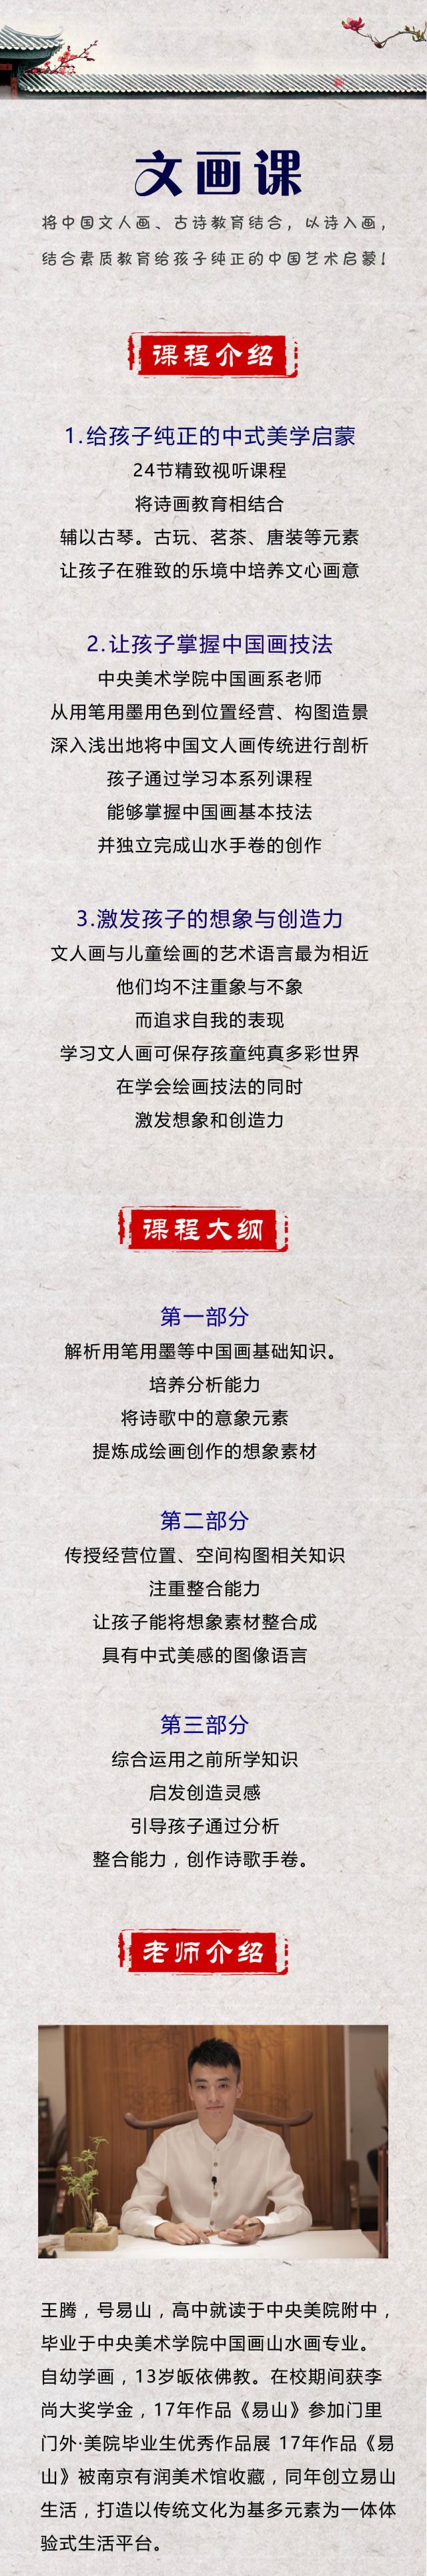 《文画课》以诗入画,给孩子最纯正的中国艺术启蒙